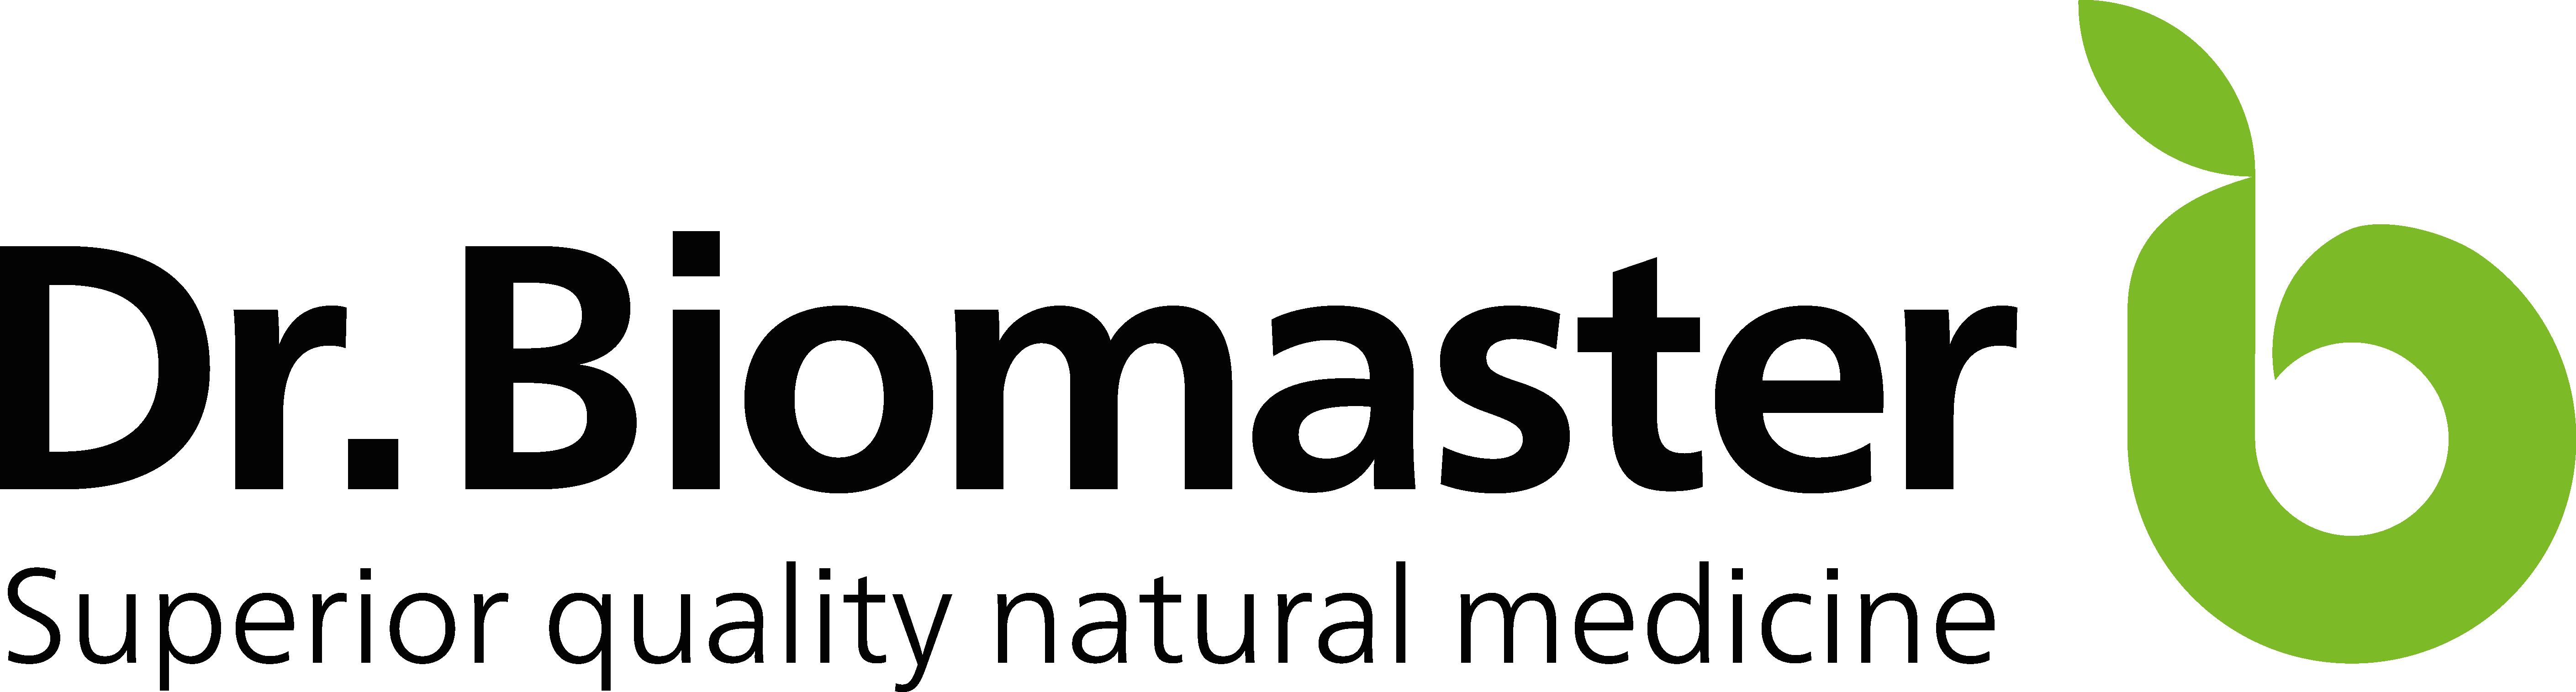 DrBiomaster - Superior-quality